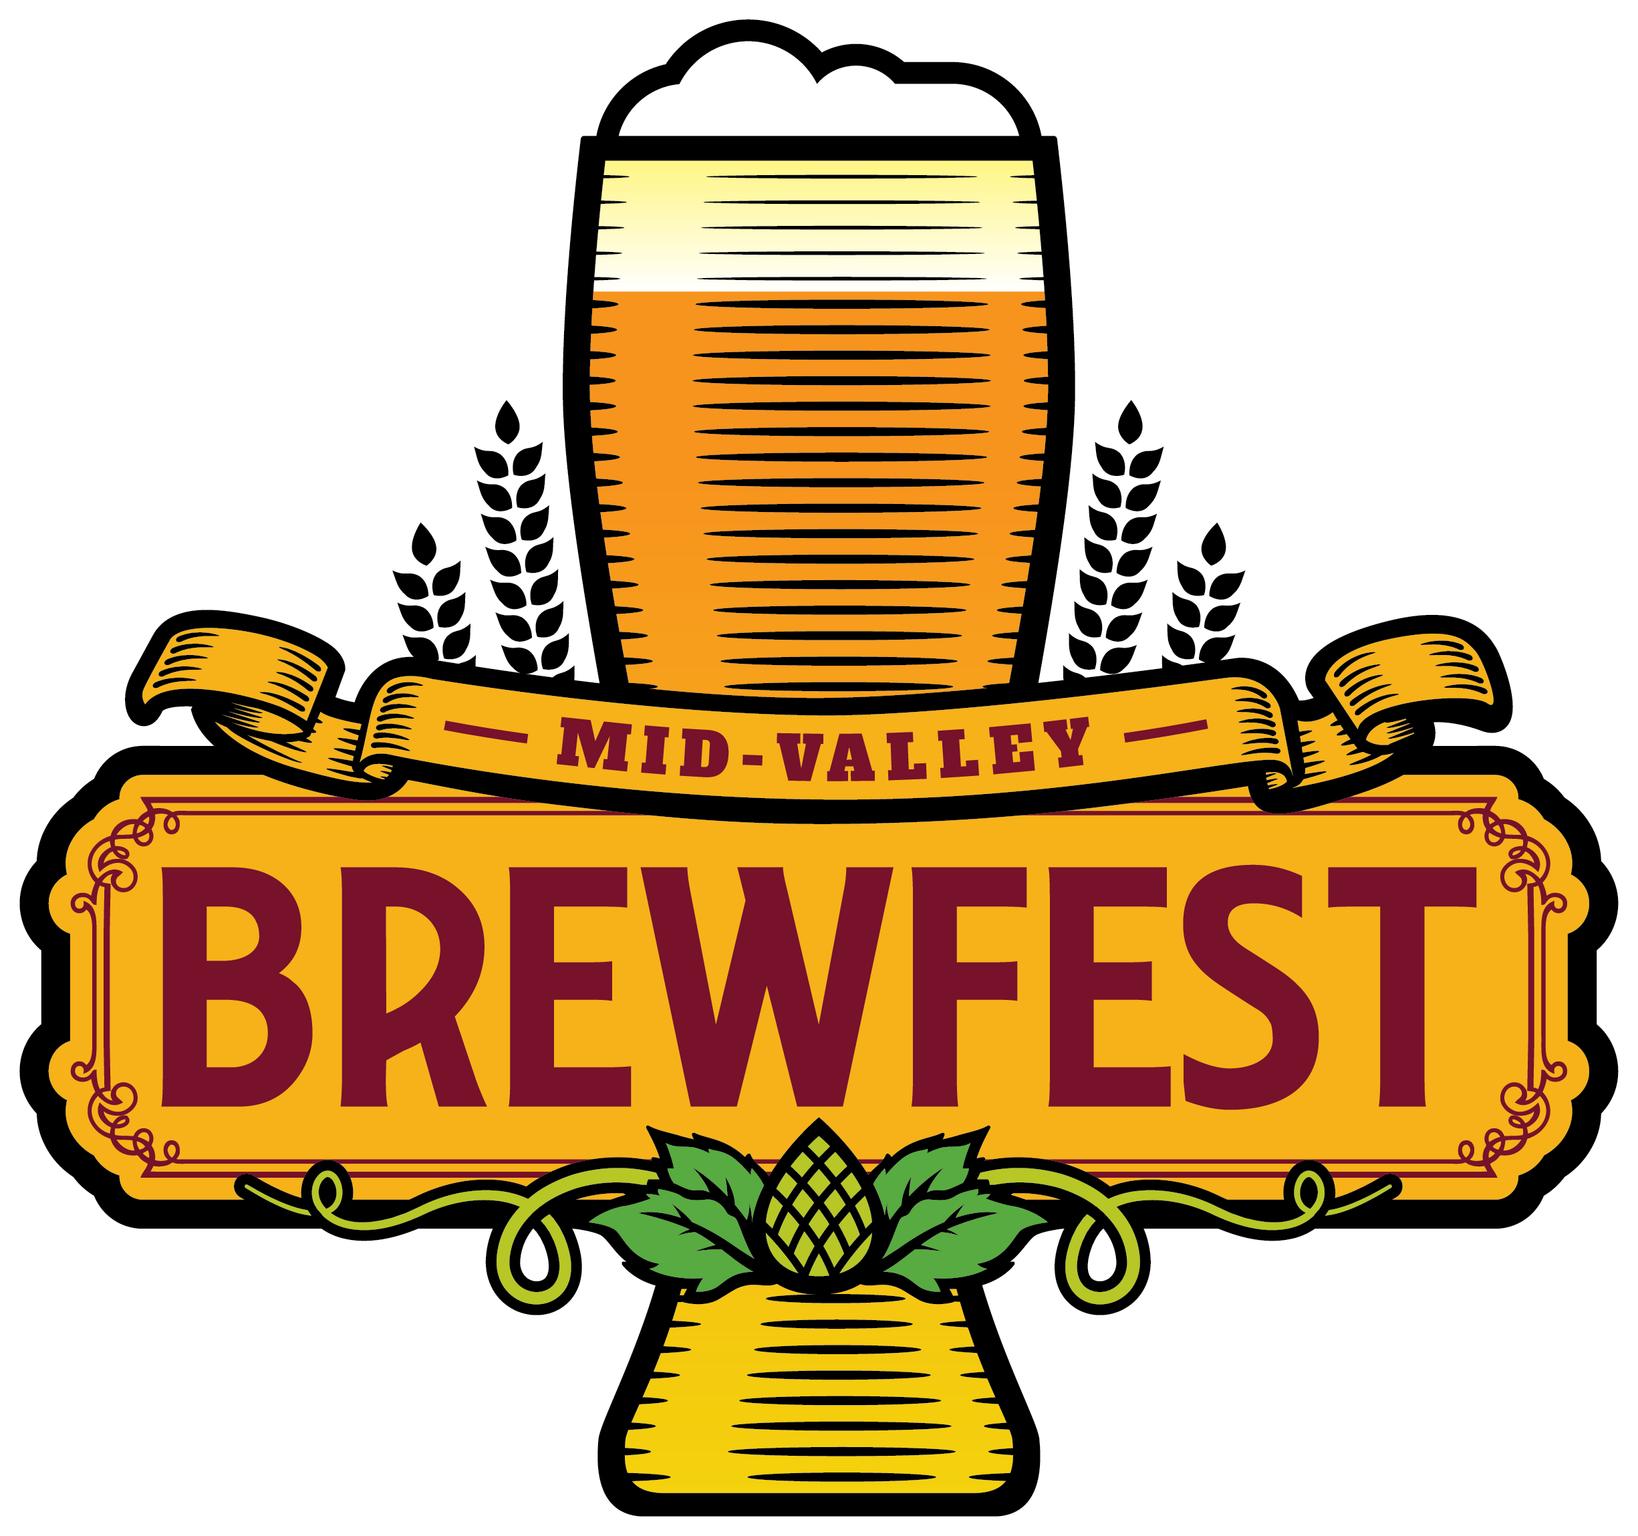 event logo of beer mug